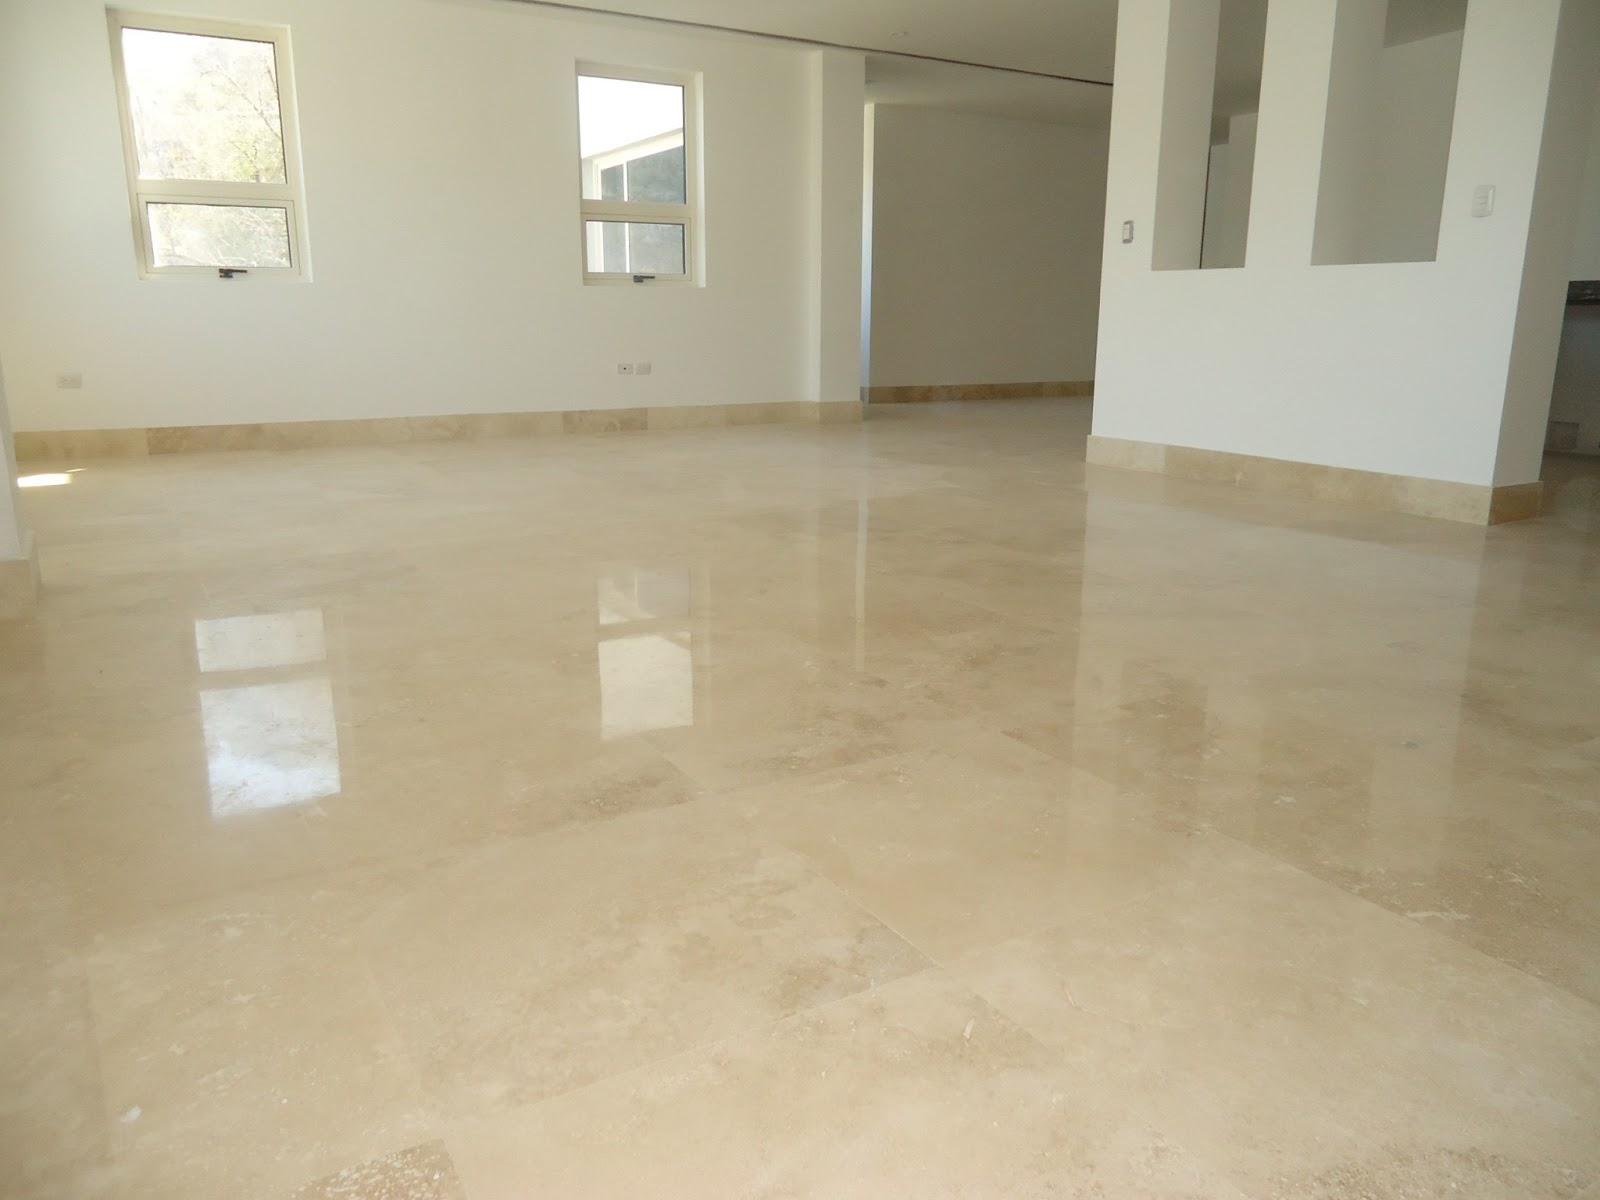 fabricaci n pisos fachadas y cocinas pisos en m rmol y On pisos de marmol para interiores